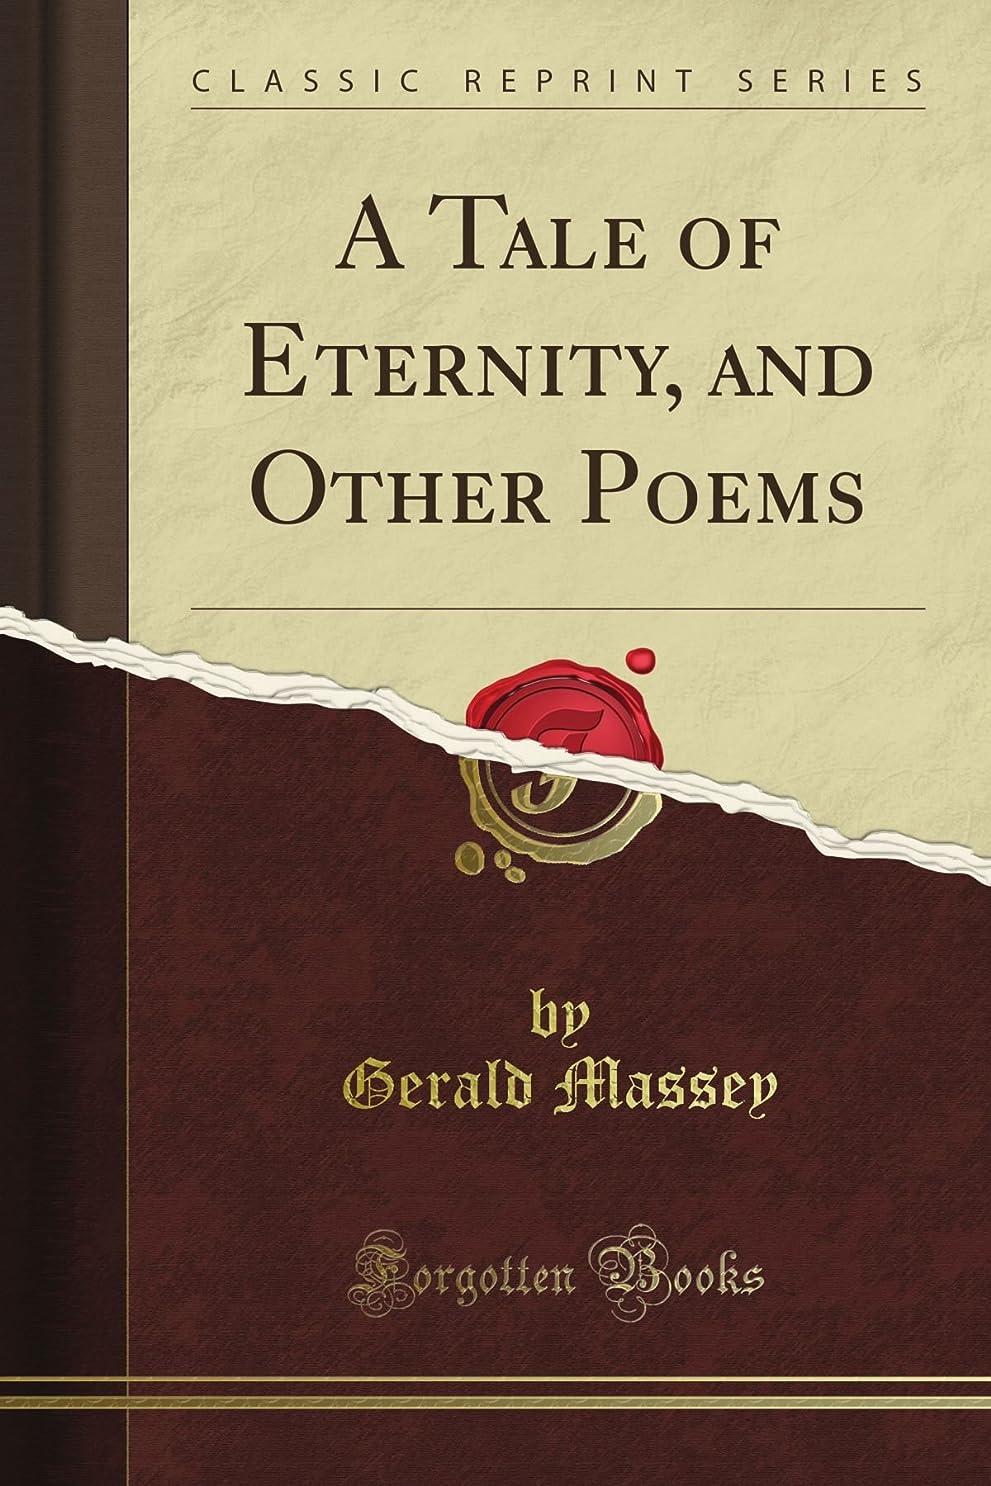 溶岩スティーブンソン羊の服を着た狼A Tale of Eternity, and Other Poems (Classic Reprint)